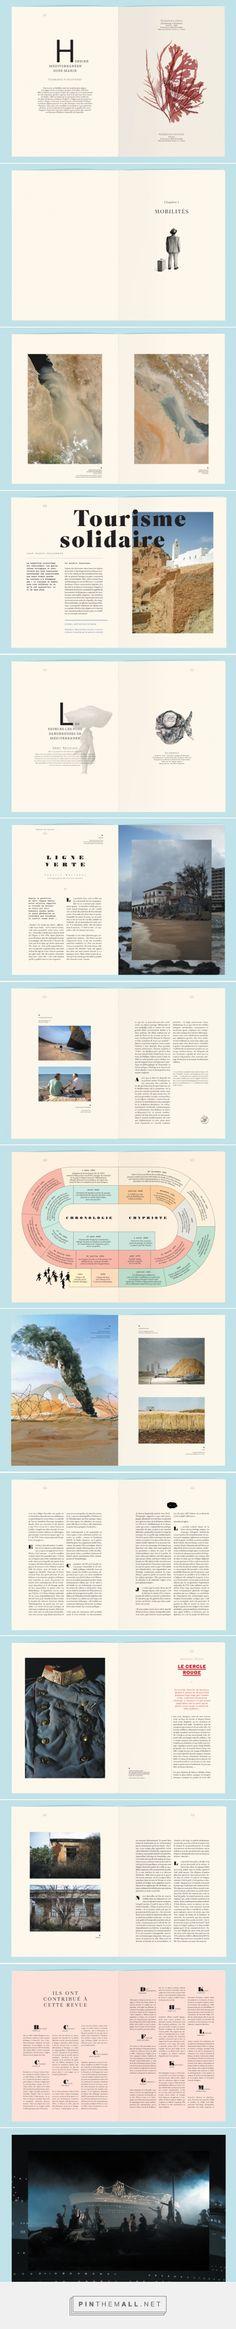 Editorial Design Inspiration: La Villa Mediterranée by Violaine & Jeremy